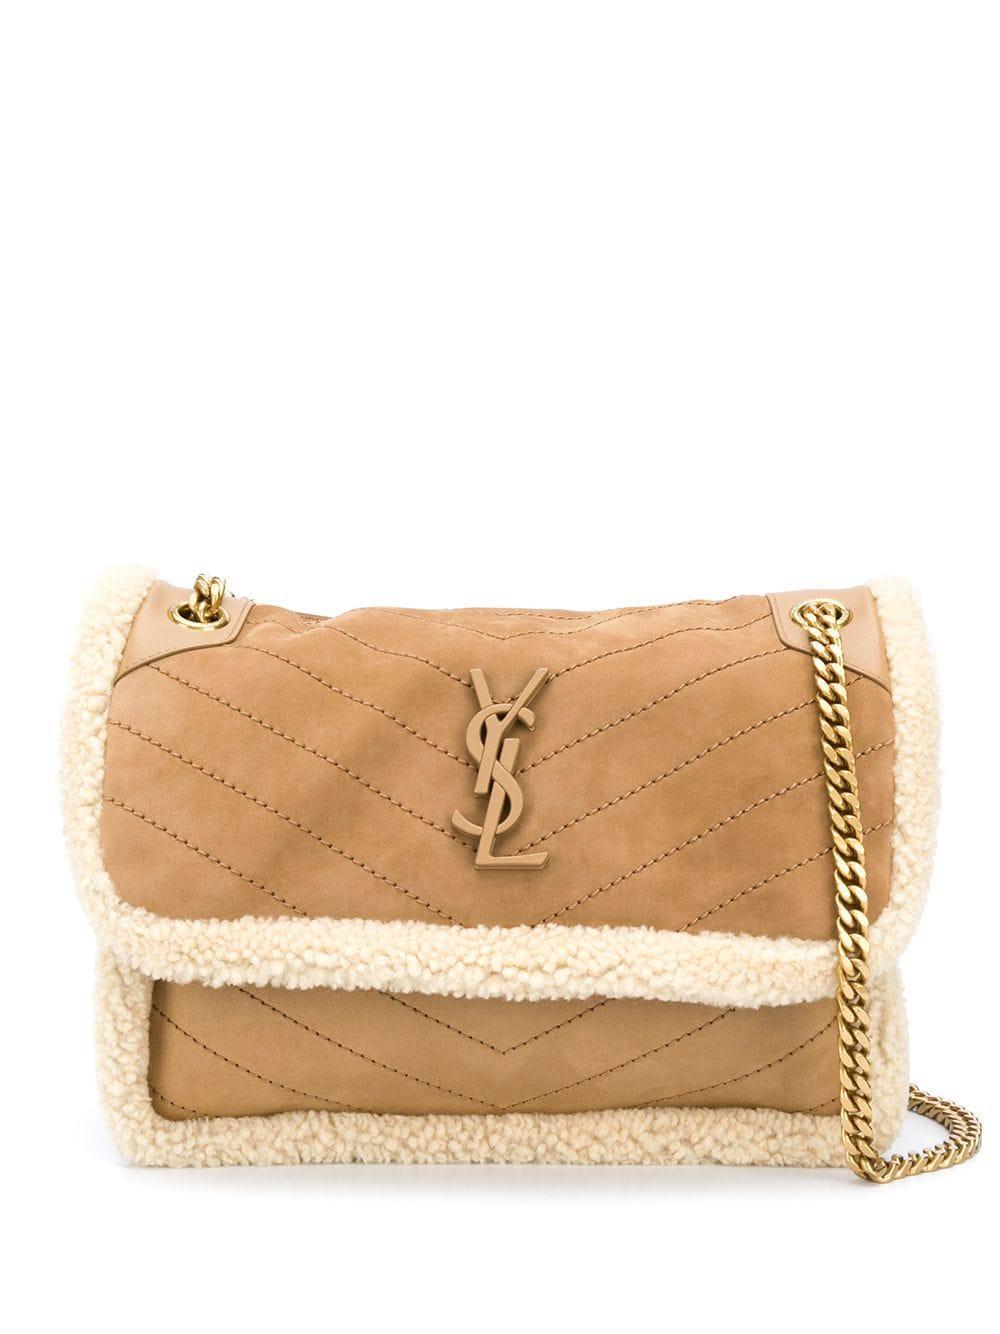 Niki Medium Shearling Bag Item # 633187BTO8W-F21